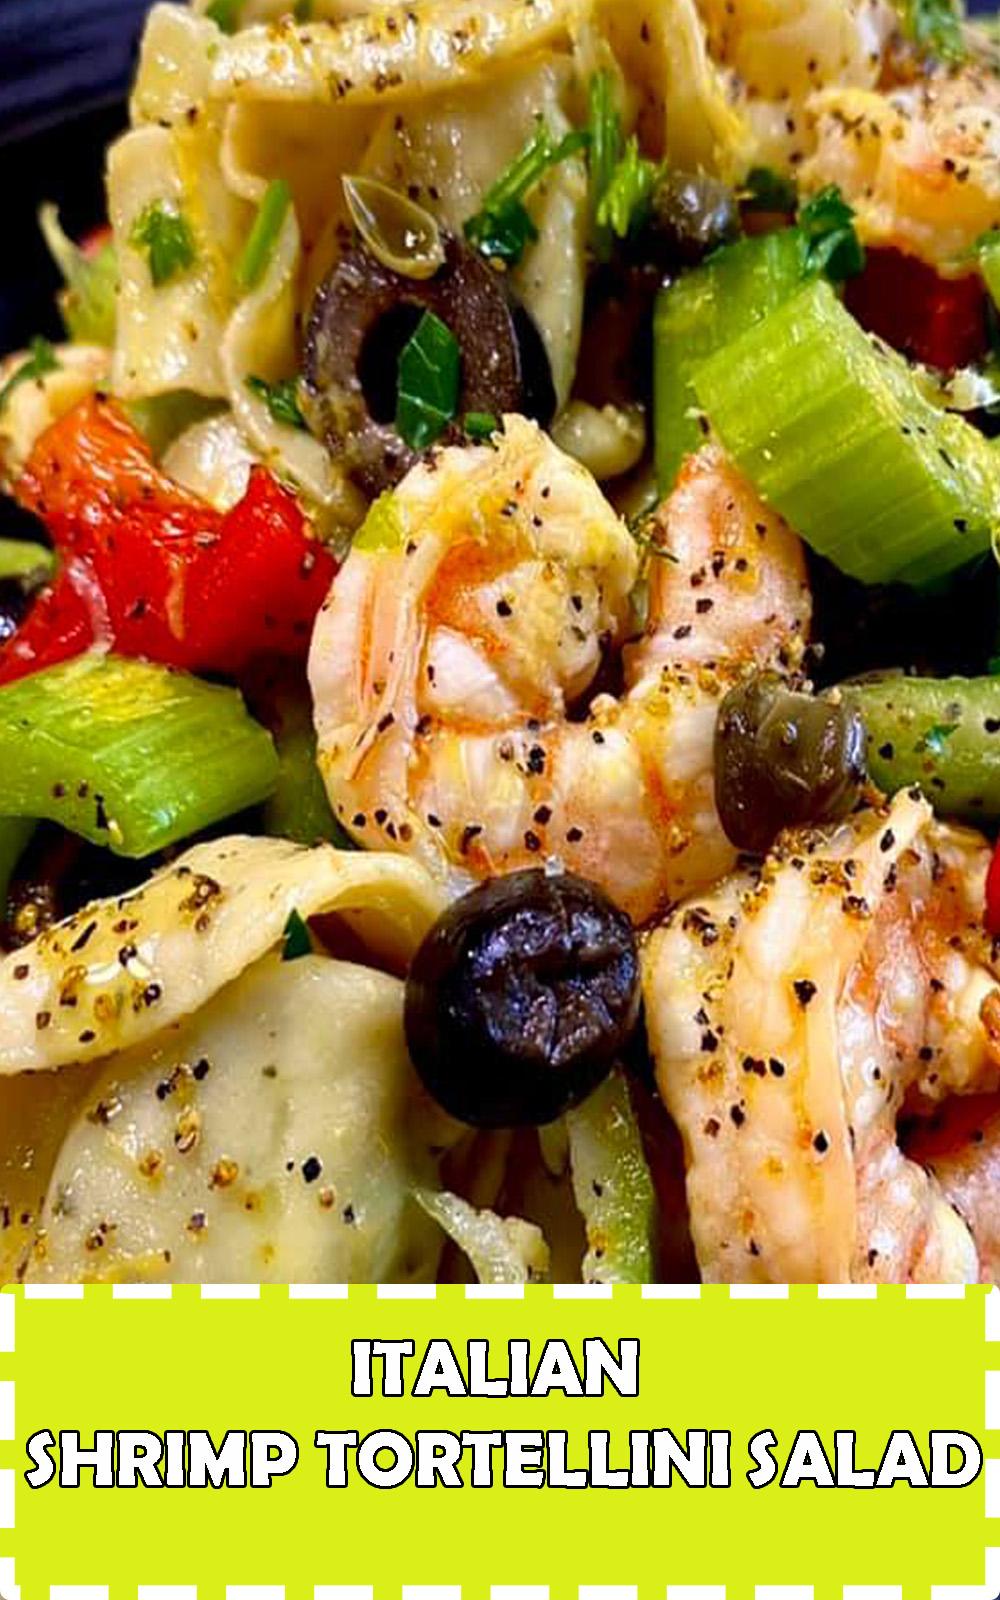 Italian shrimp tortellini pasta salad